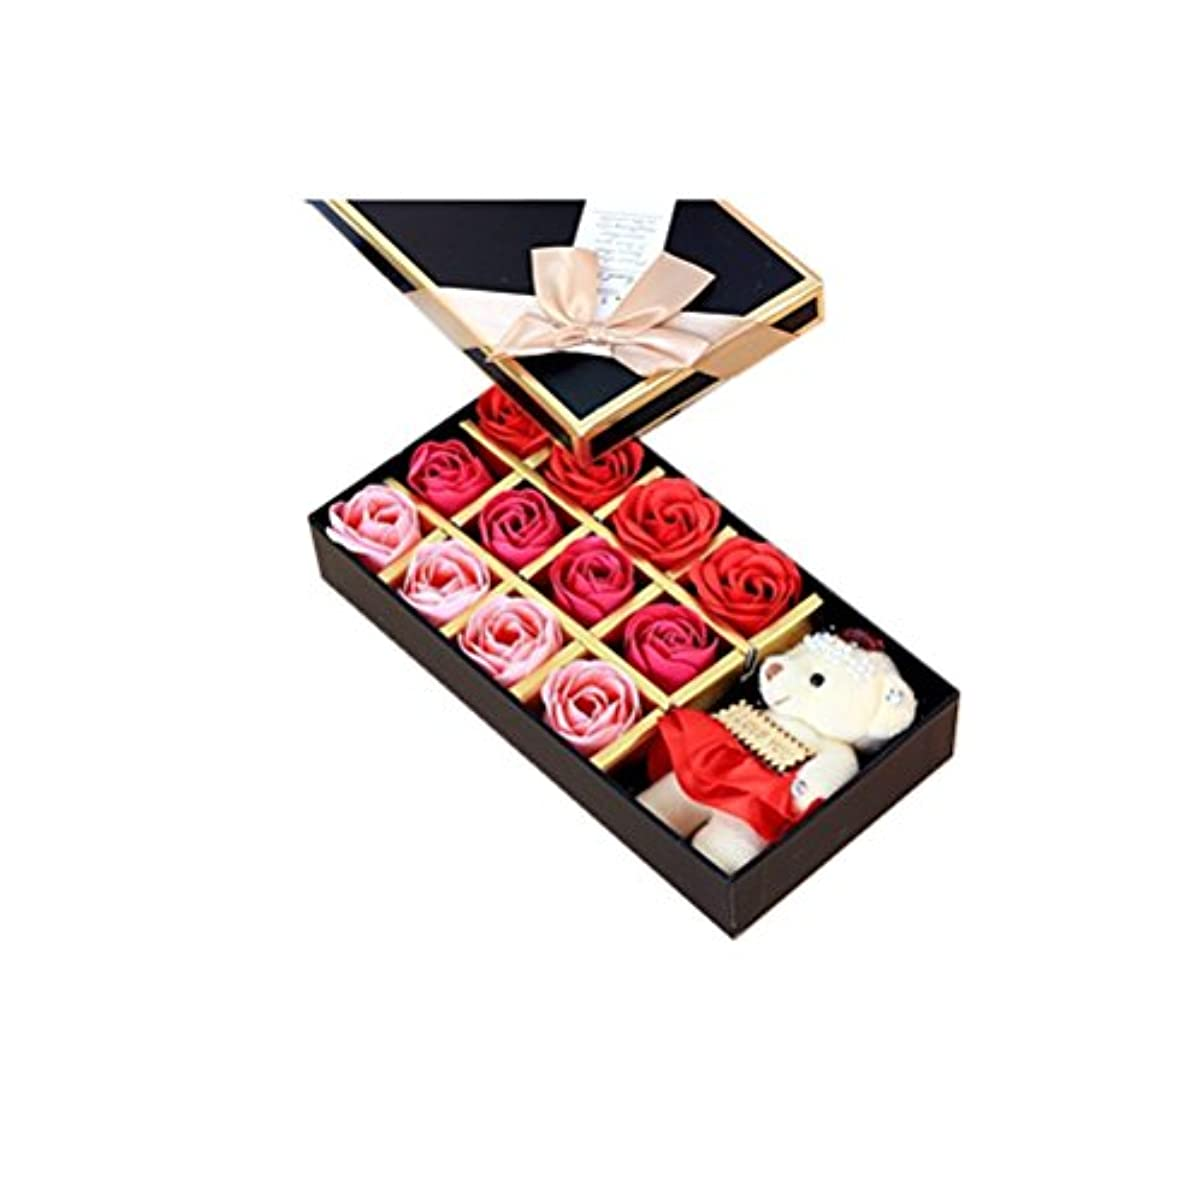 恐れ祈り店員ROSENICE 香り バラの花 お風呂 石鹸 ギフトボックス (赤)